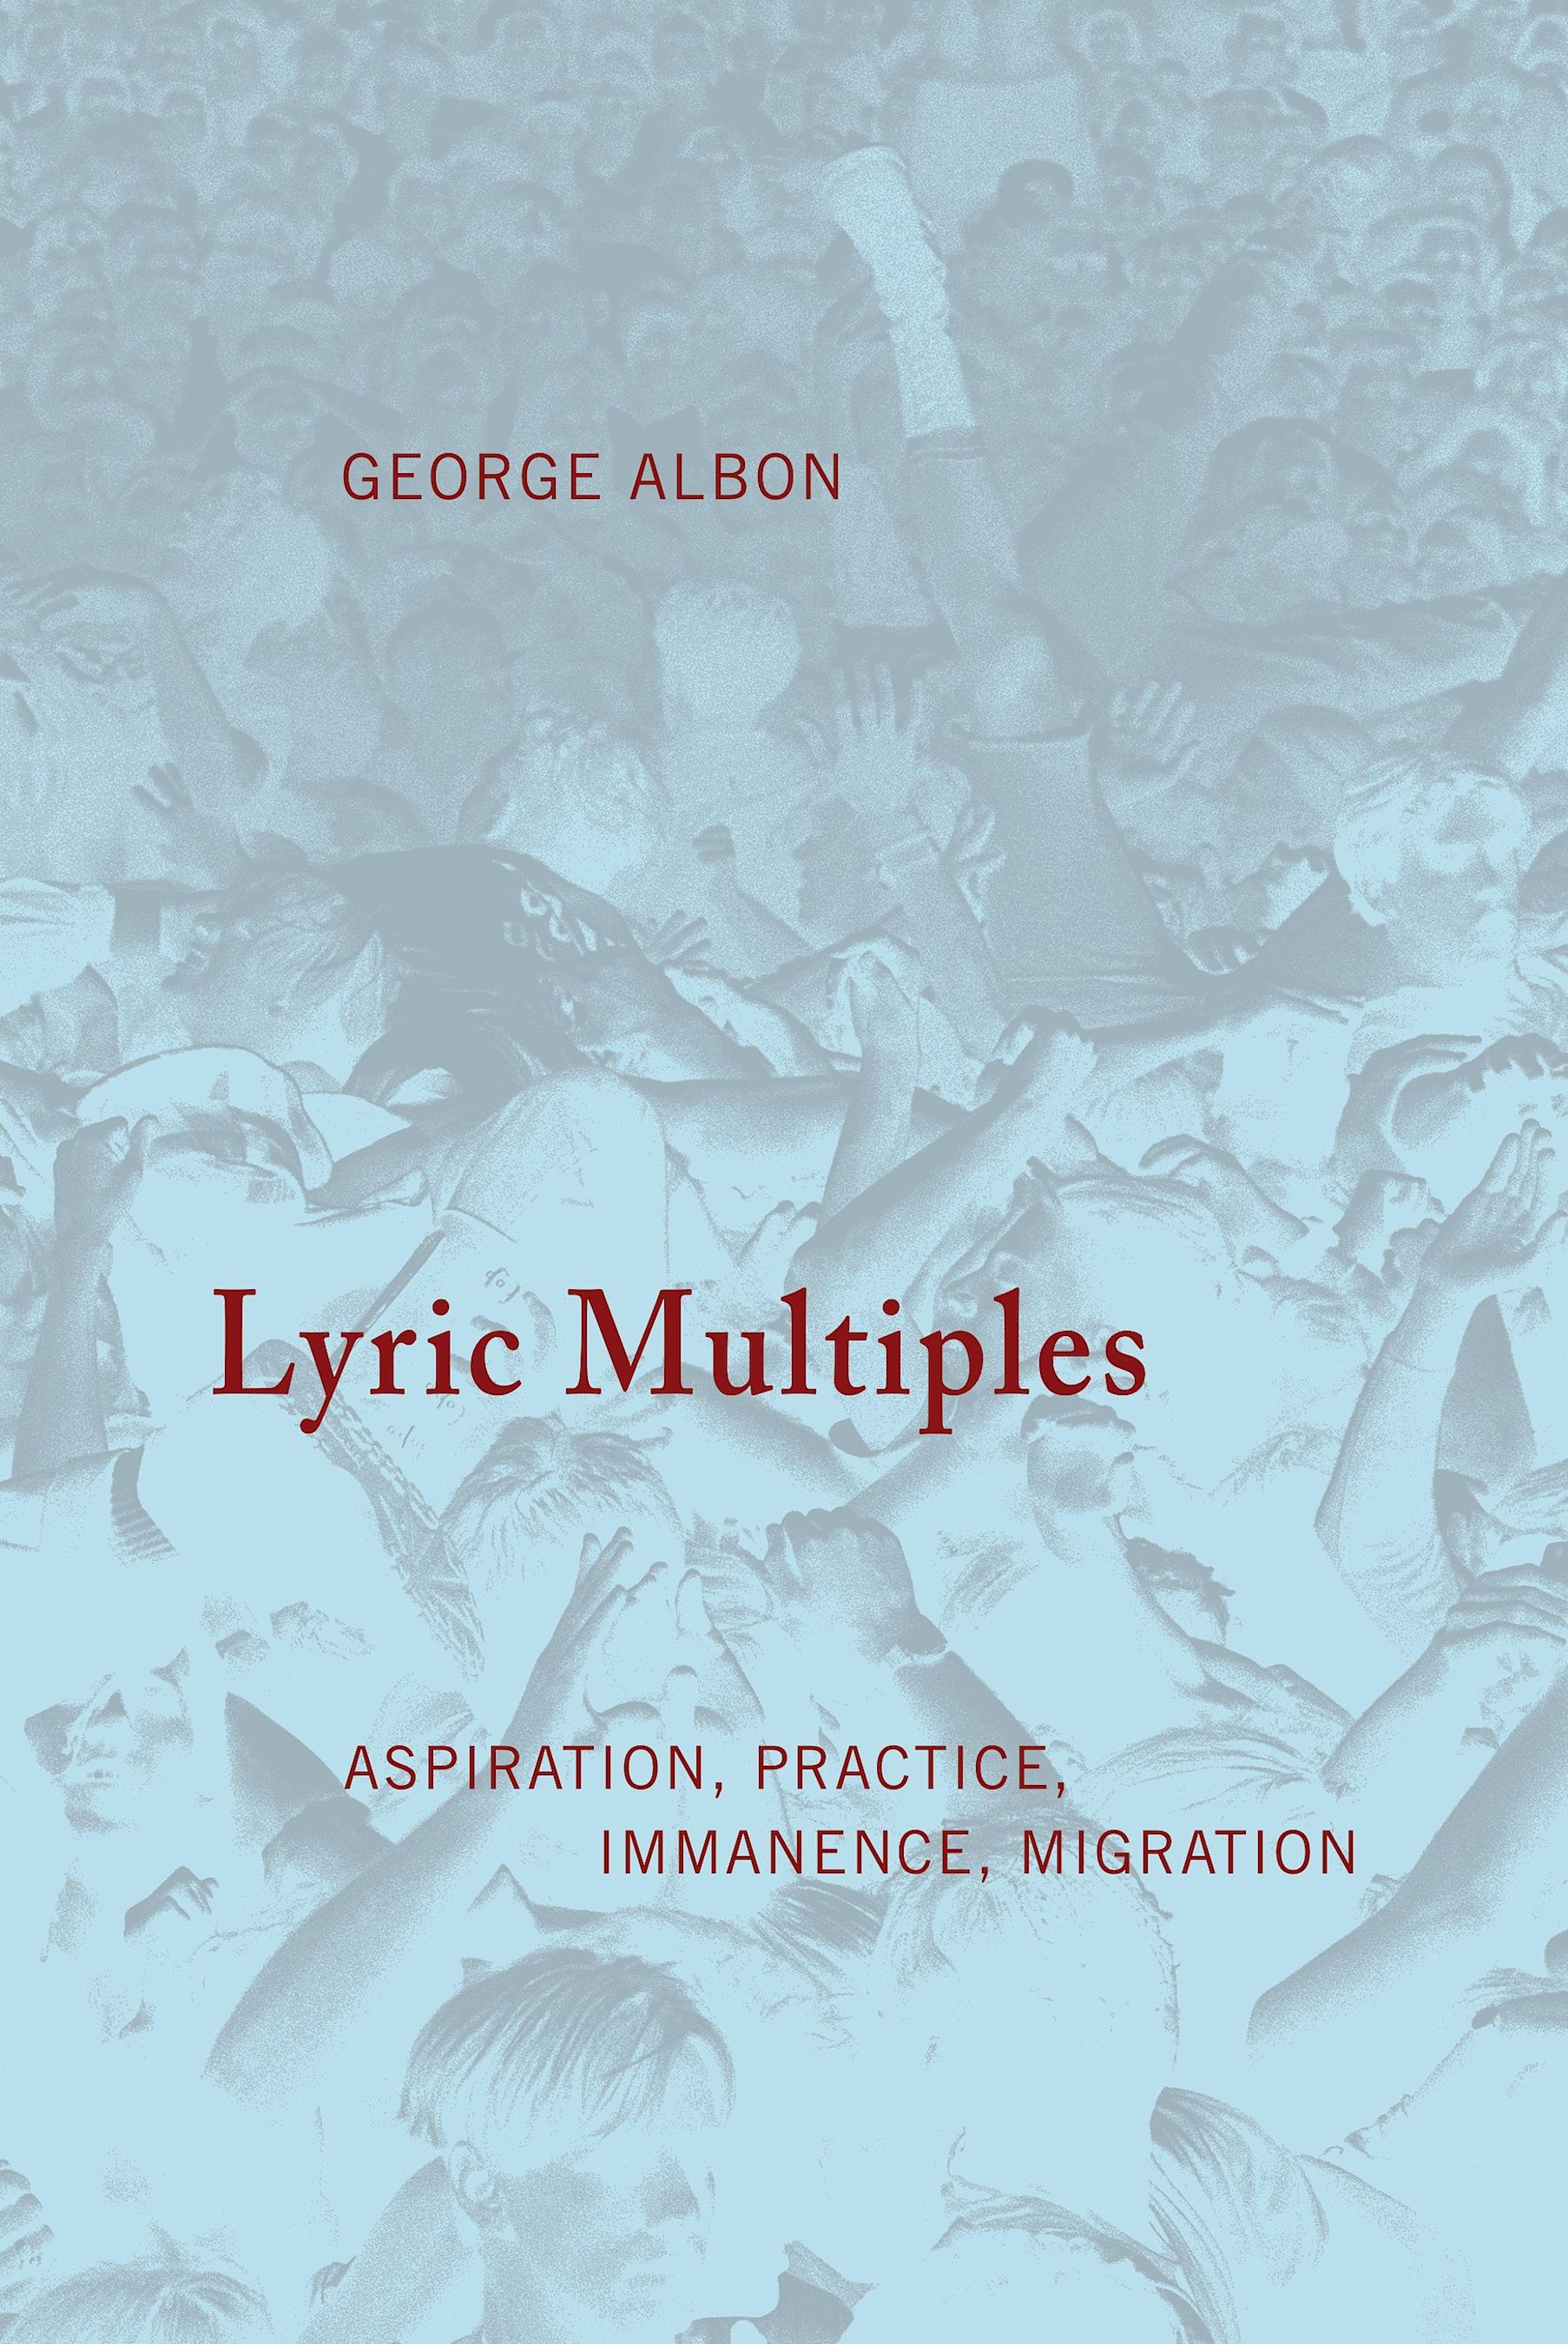 Albon_Lyric Multiples_front cover.jpg